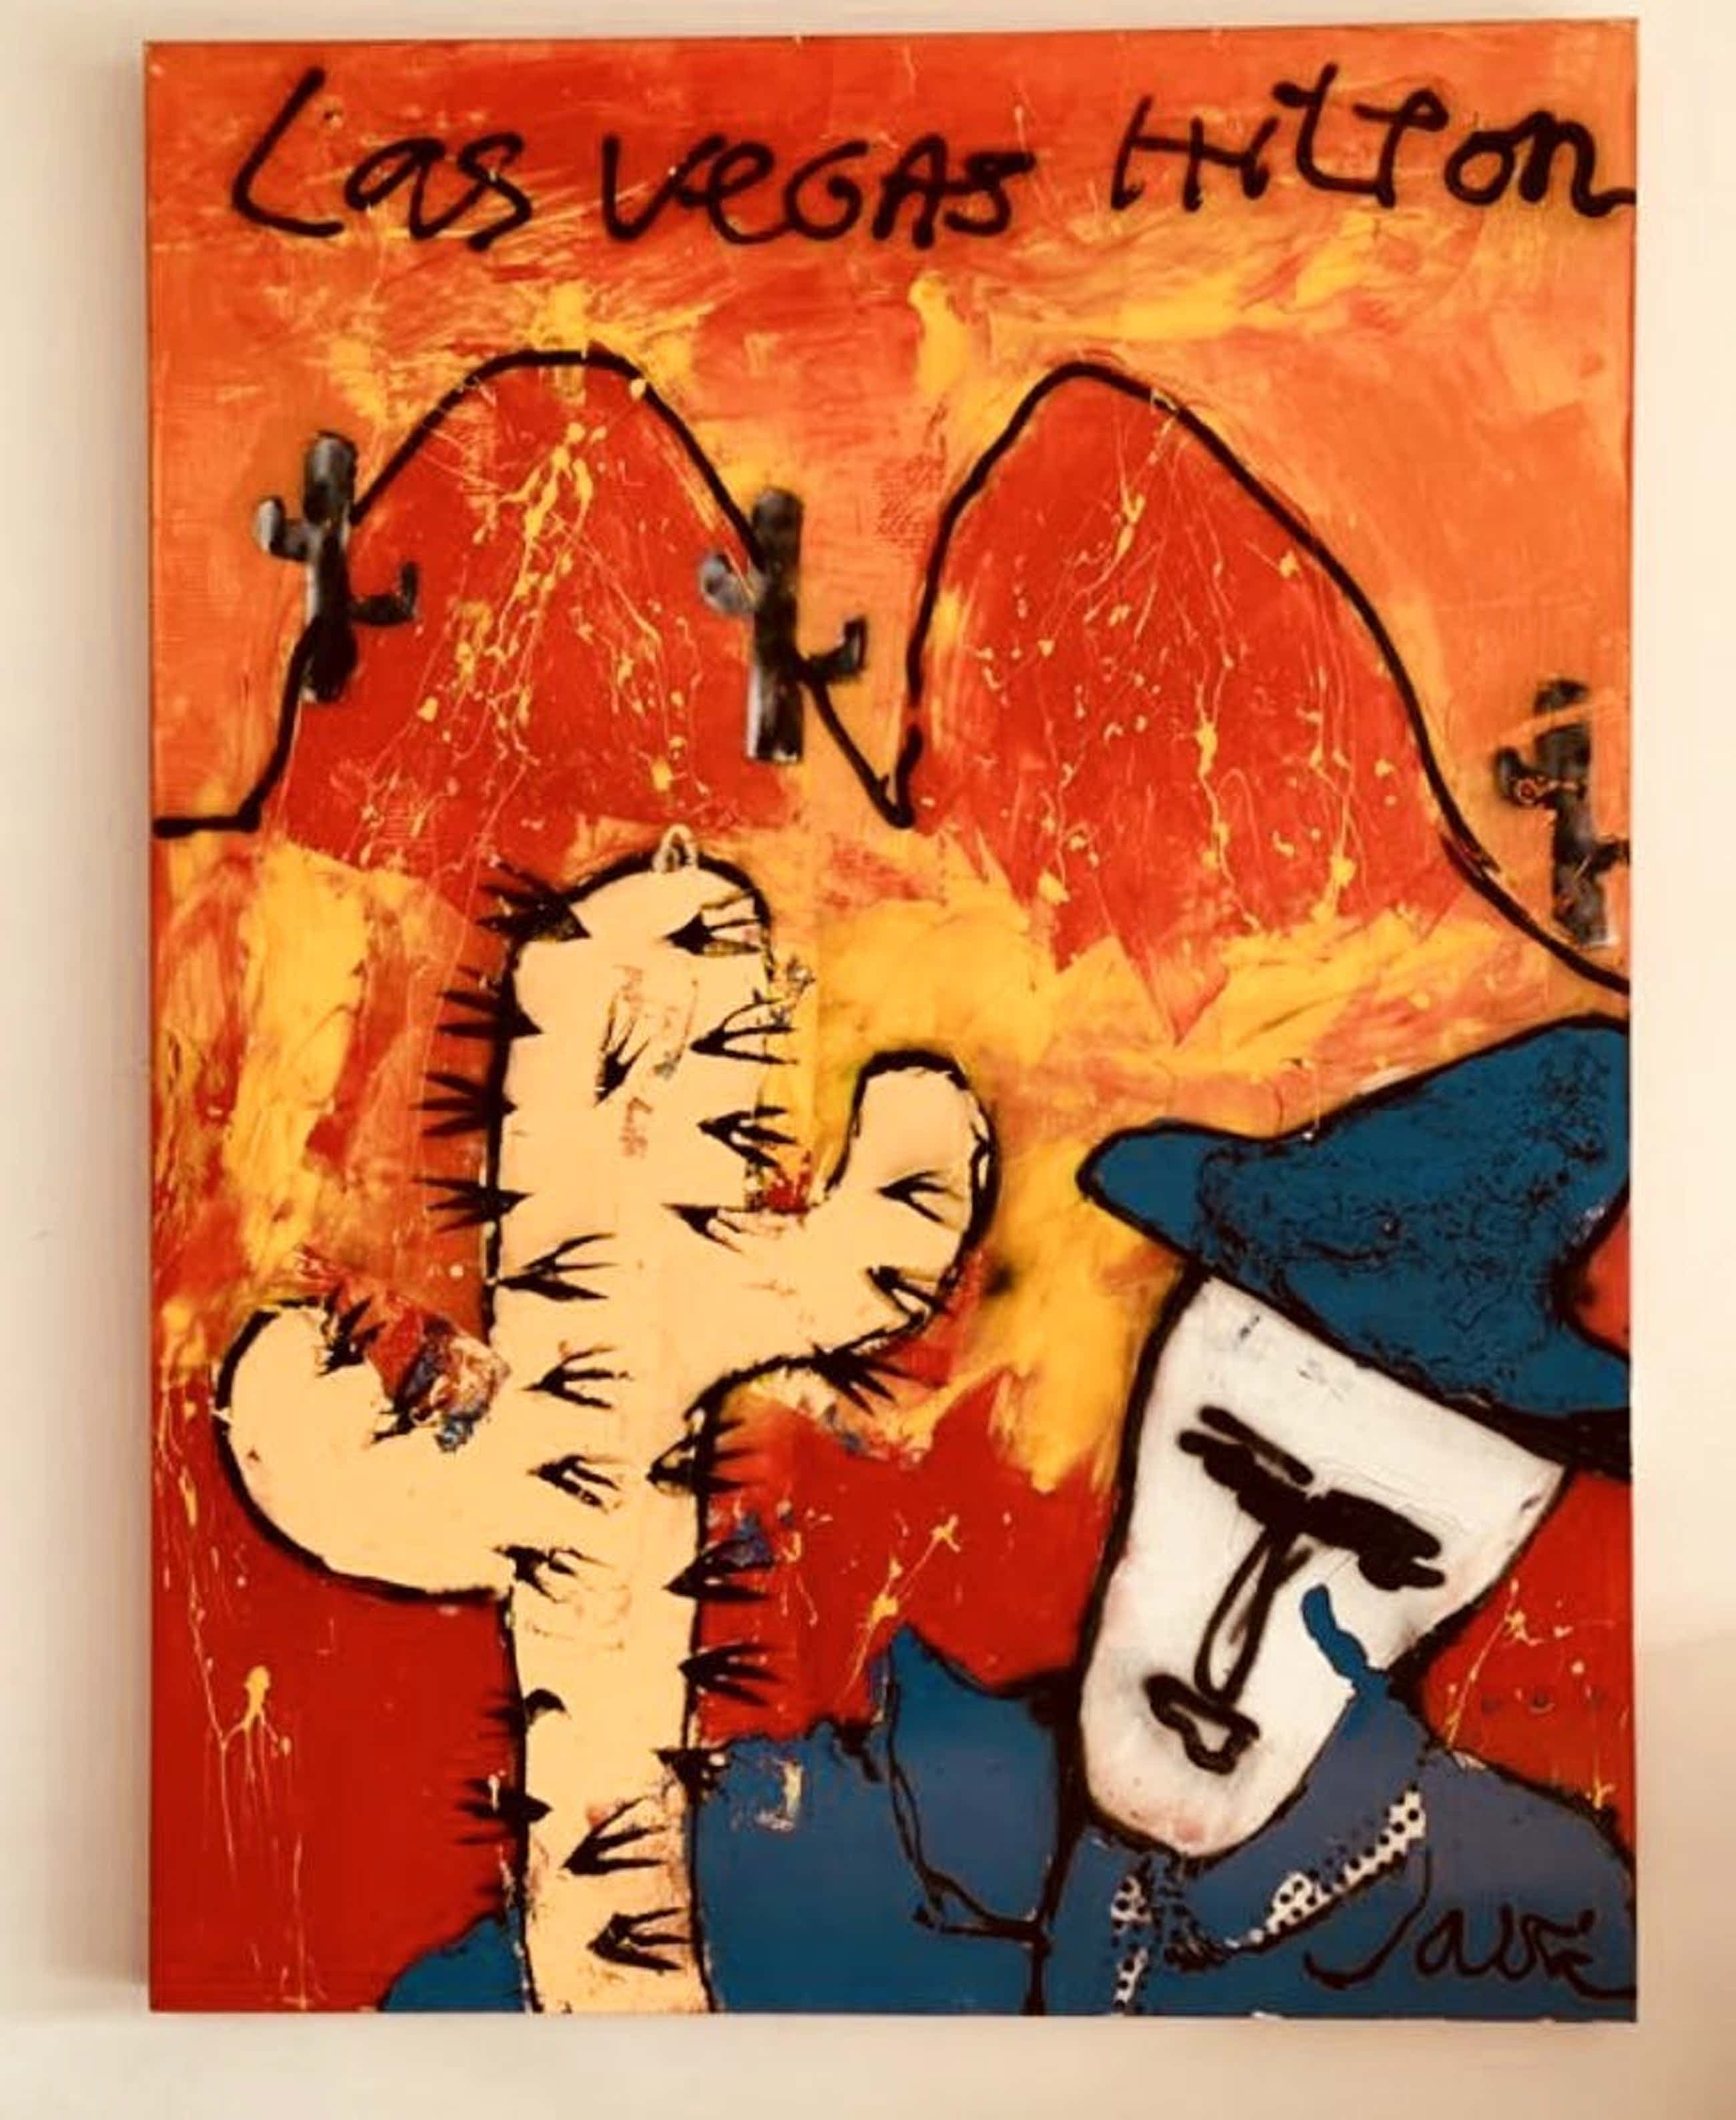 Jack Liemburg - Cactus - ZEER GROOT WERK kopen? Bied vanaf 345!